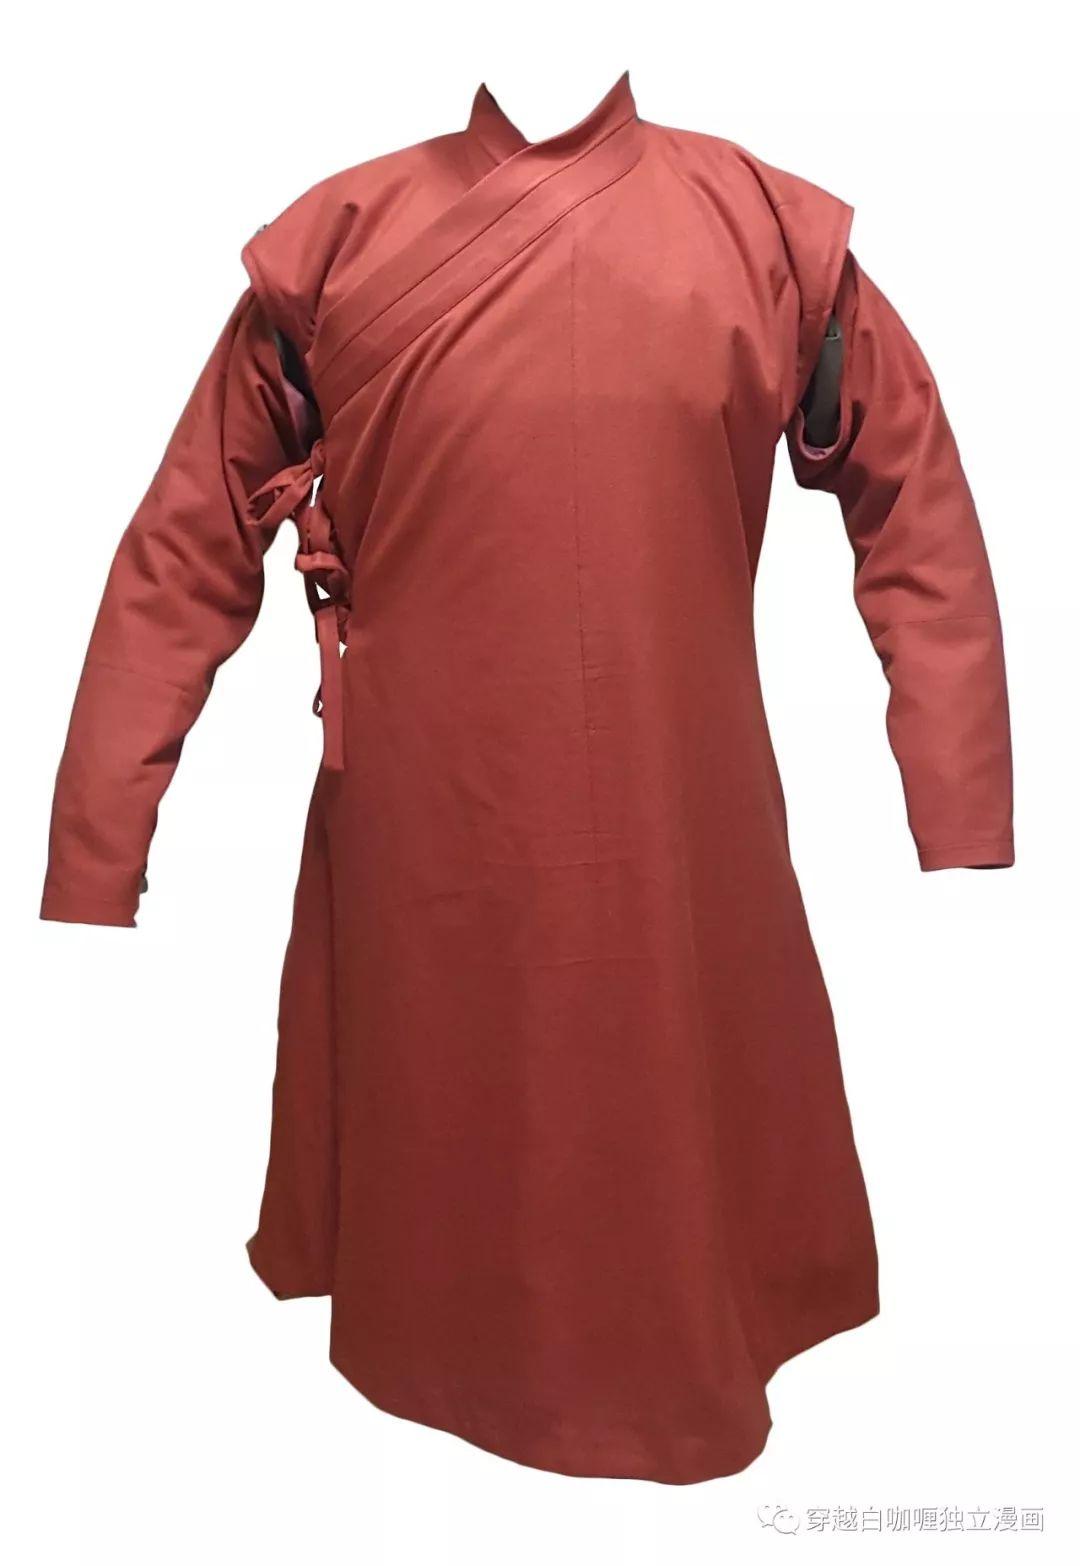 【蒙古文化】什么是蒙古袍? ᠳᠡᠪᠡᠯᠤᠨ ᠲᠤᠬᠠᠢ 第26张 【蒙古文化】什么是蒙古袍? ᠳᠡᠪᠡᠯᠤᠨ ᠲᠤᠬᠠᠢ 蒙古服饰